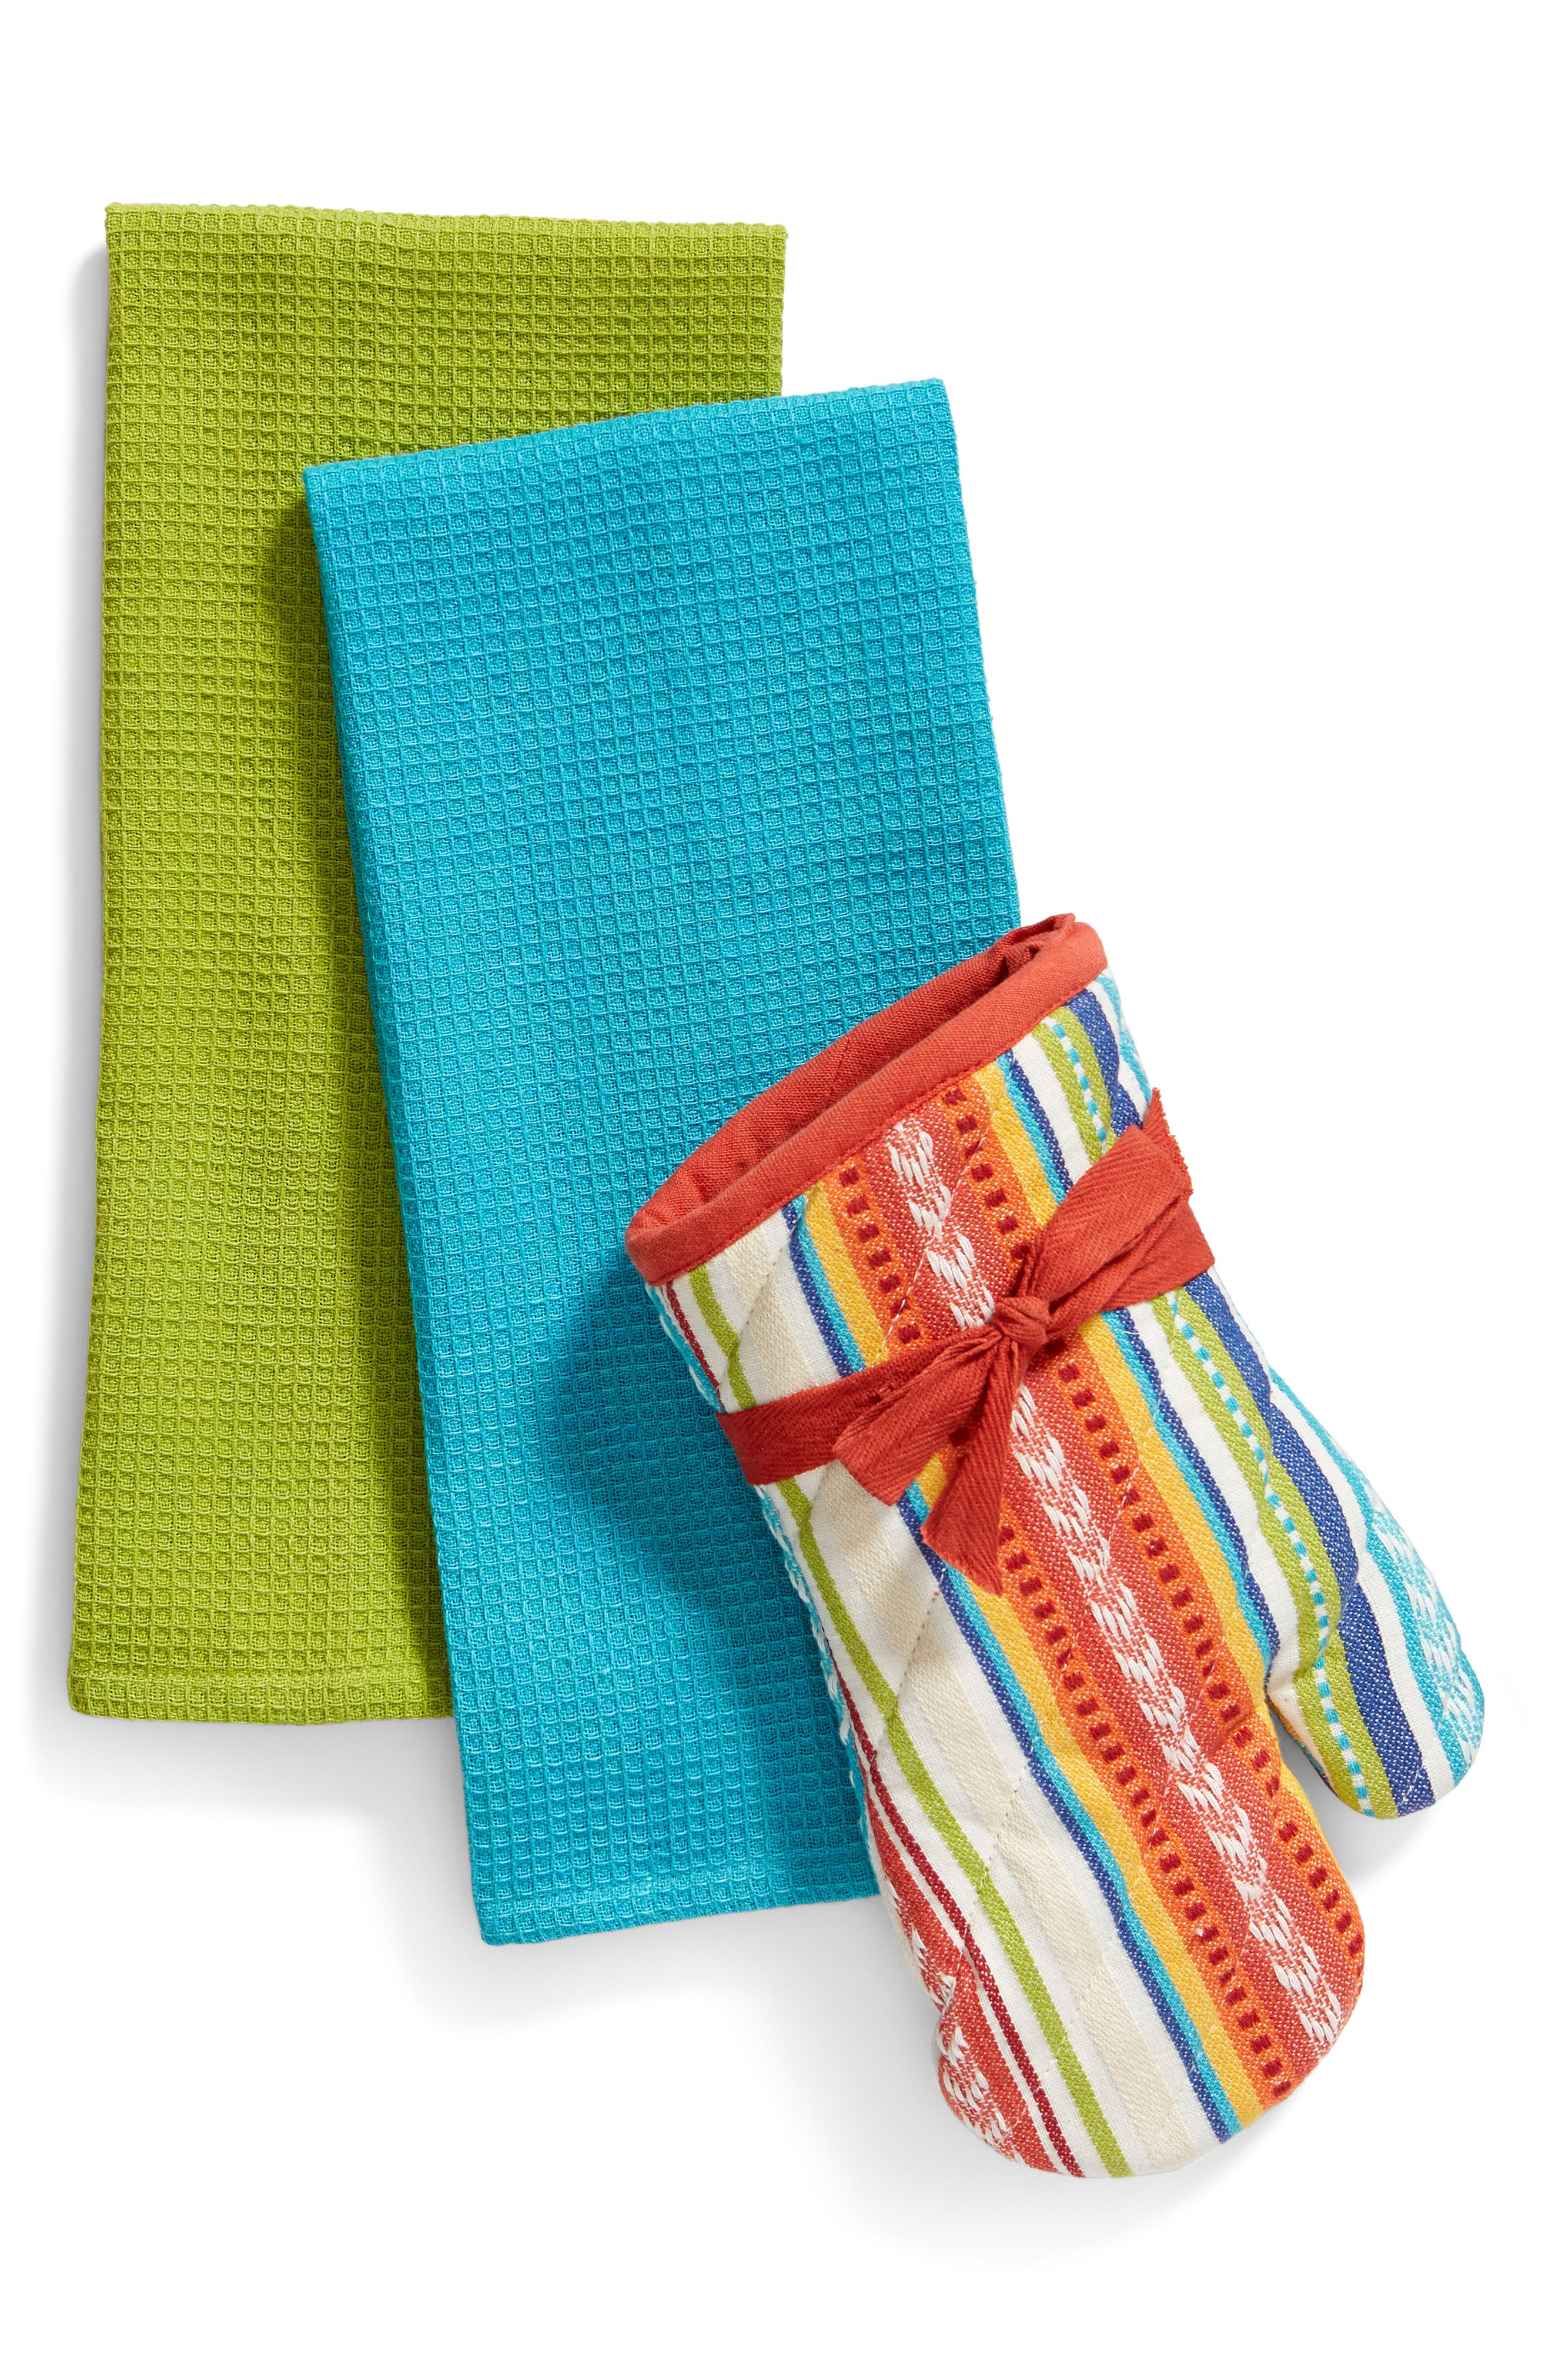 Baja Cantina Oven Mitt & Towel Set,                             Main thumbnail 1, color,                             100